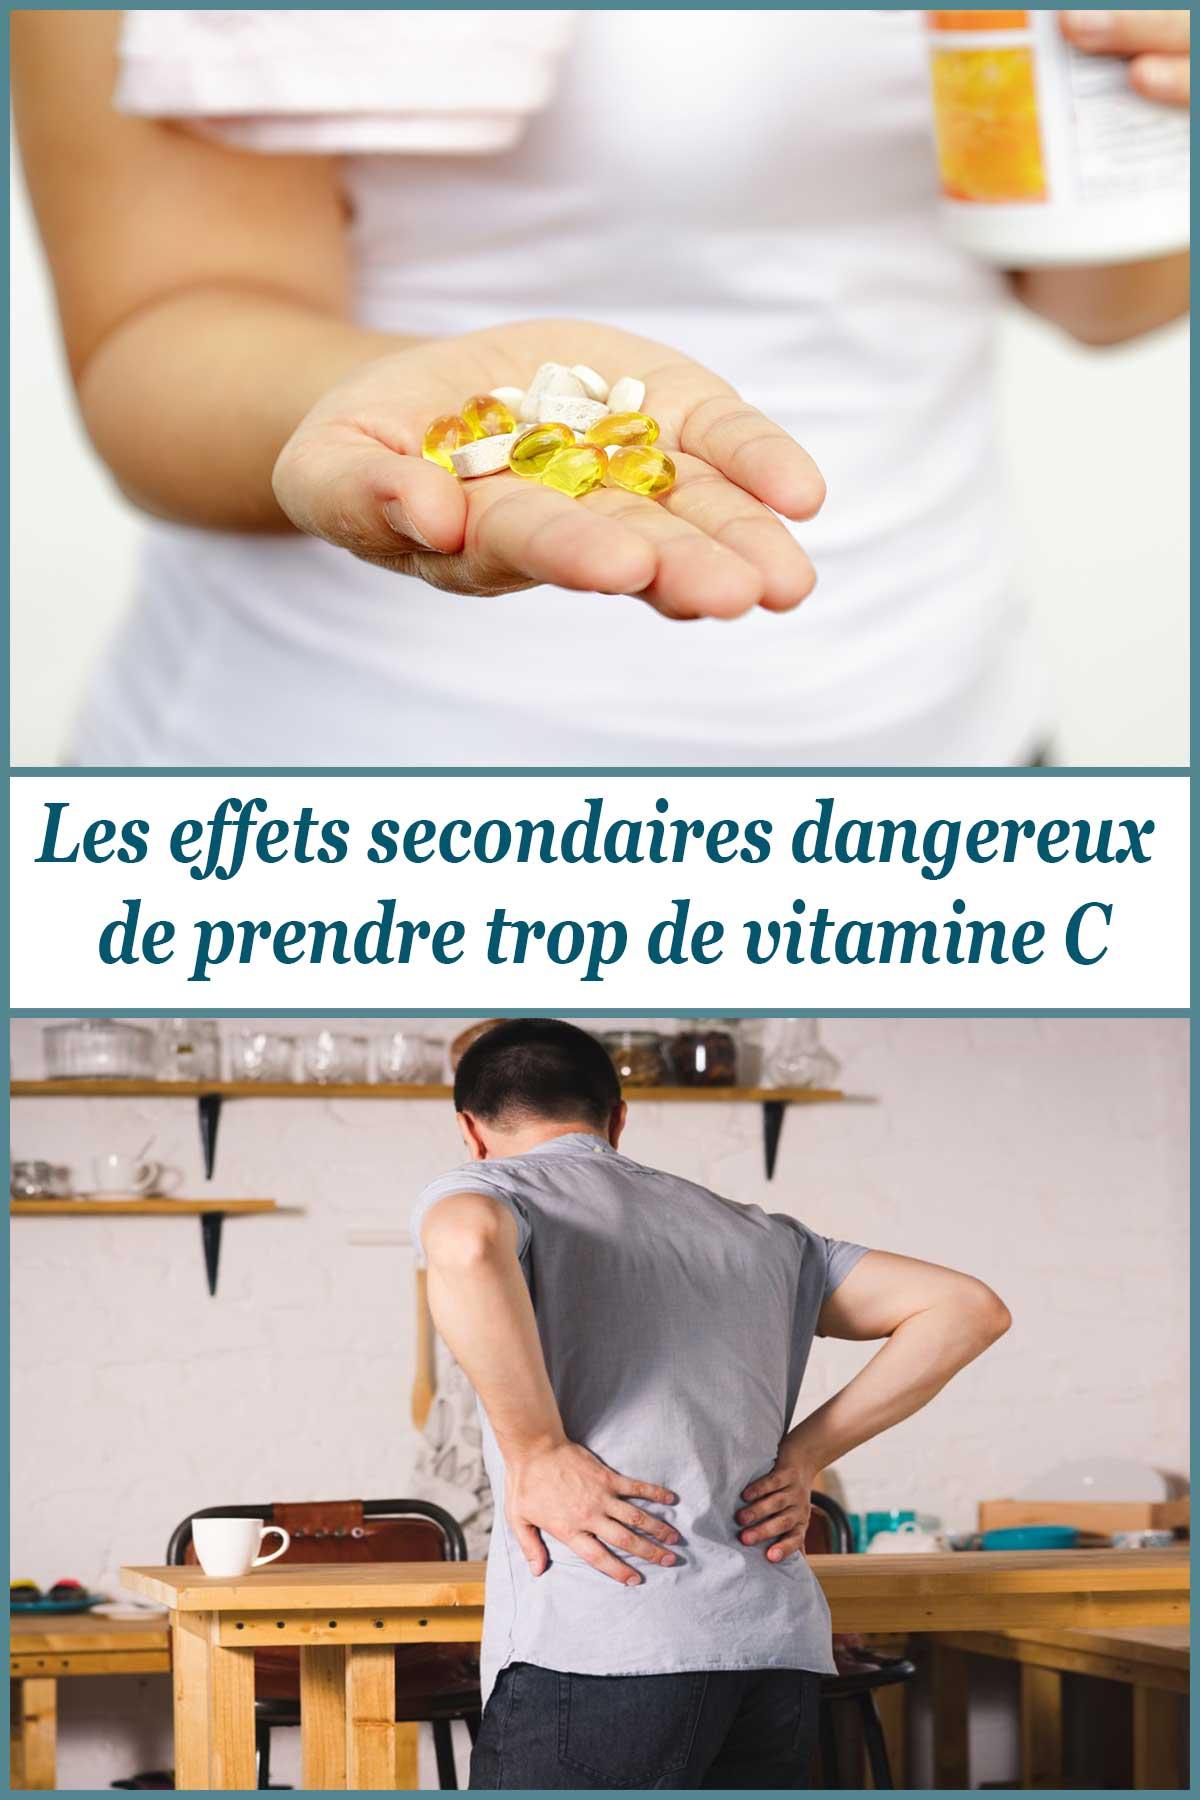 Les effets secondaires dangereux de prendre trop de vitamine C